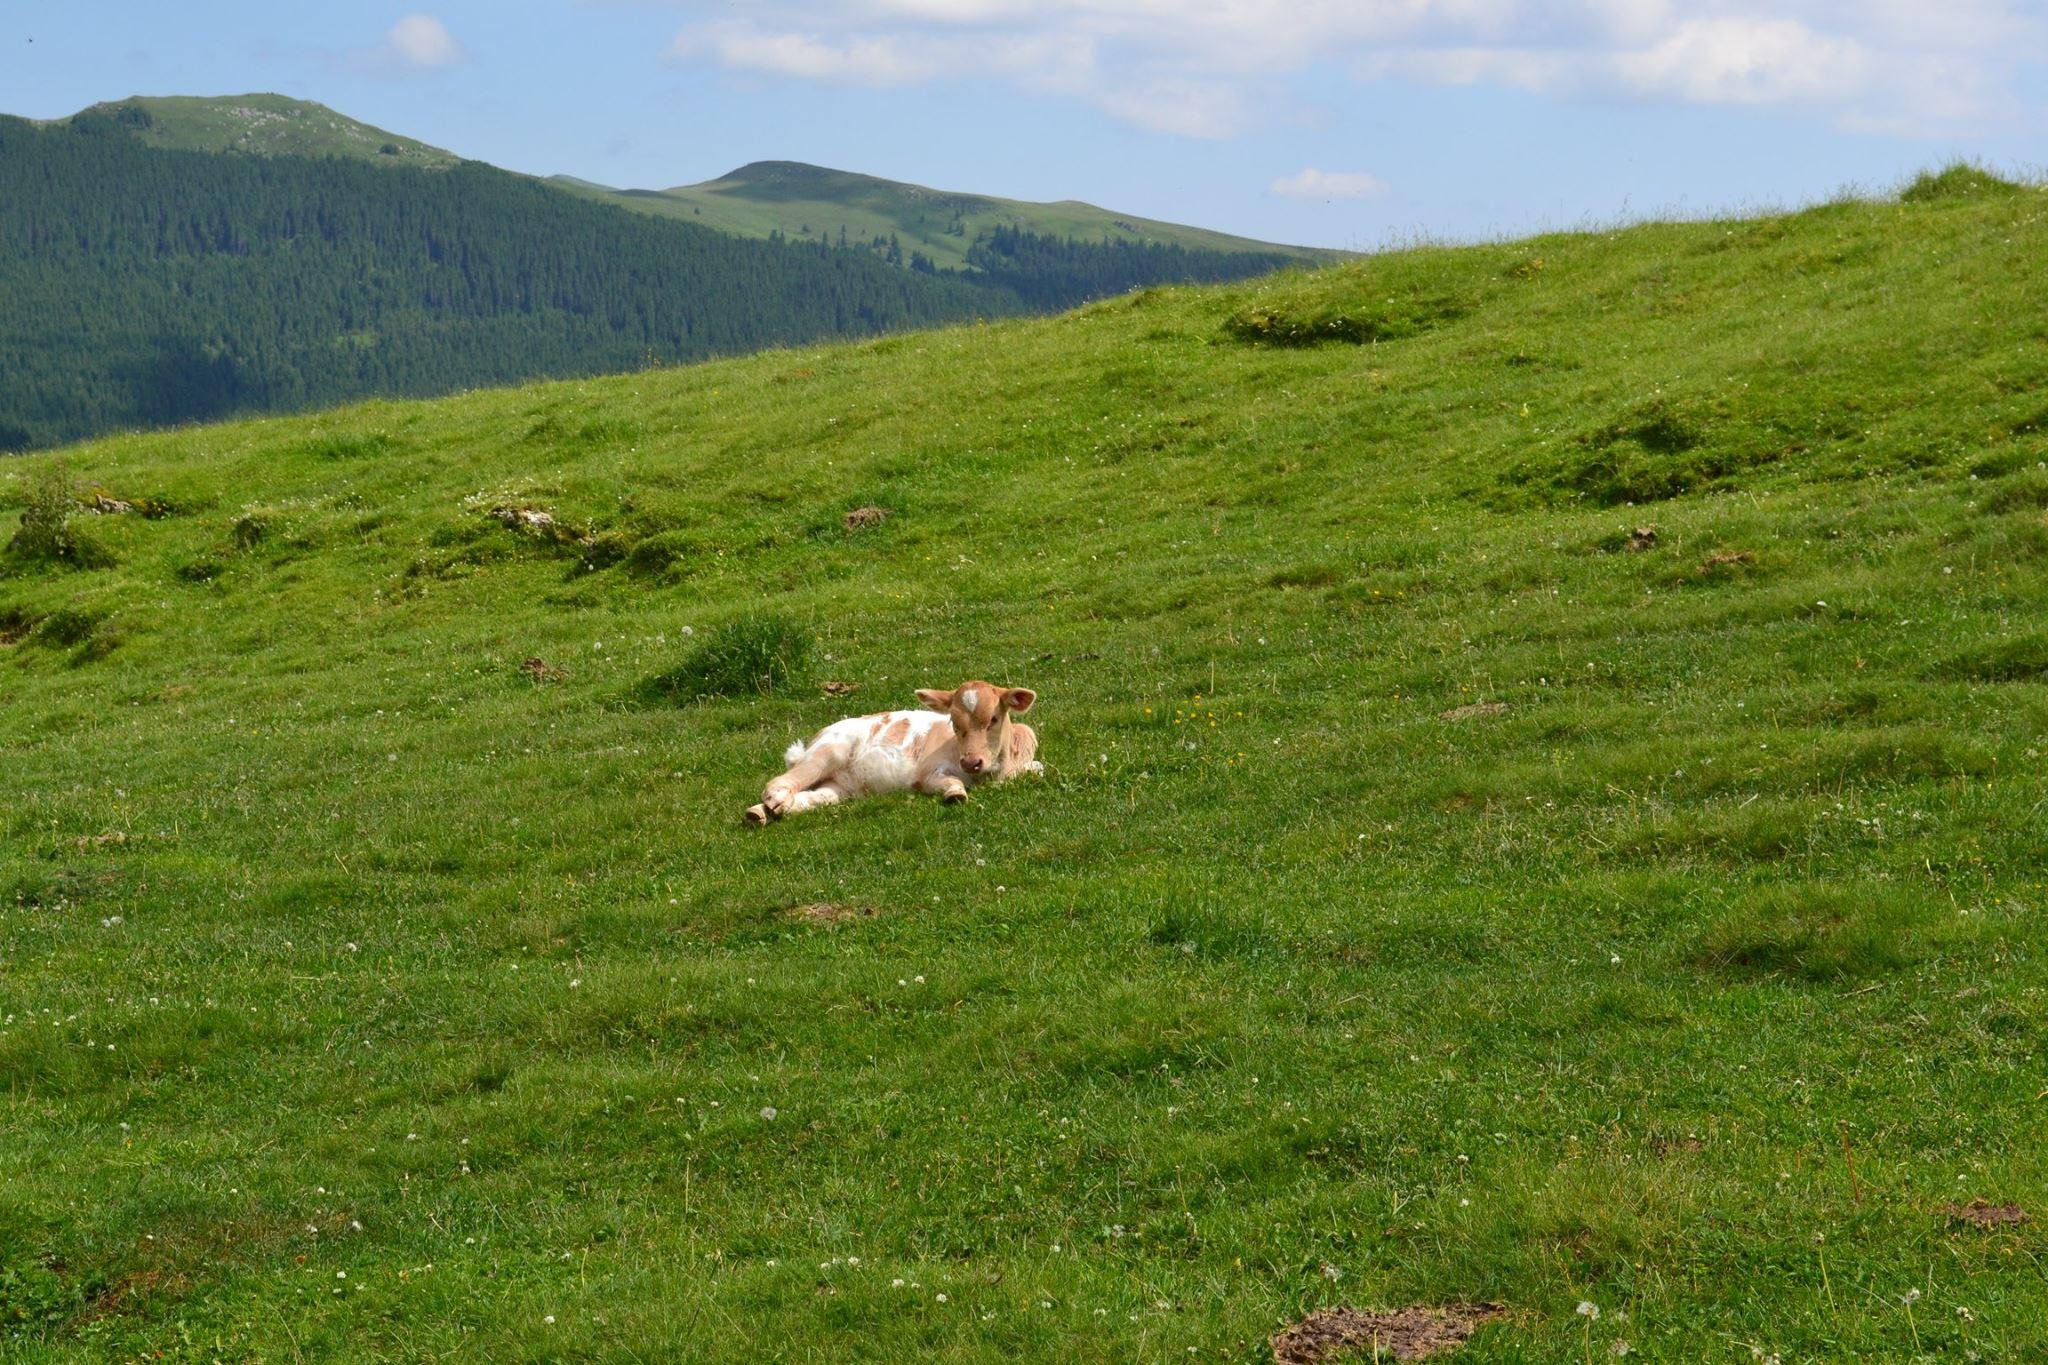 pajiste alpina - Cheile Horoabei - muntii Bucegi